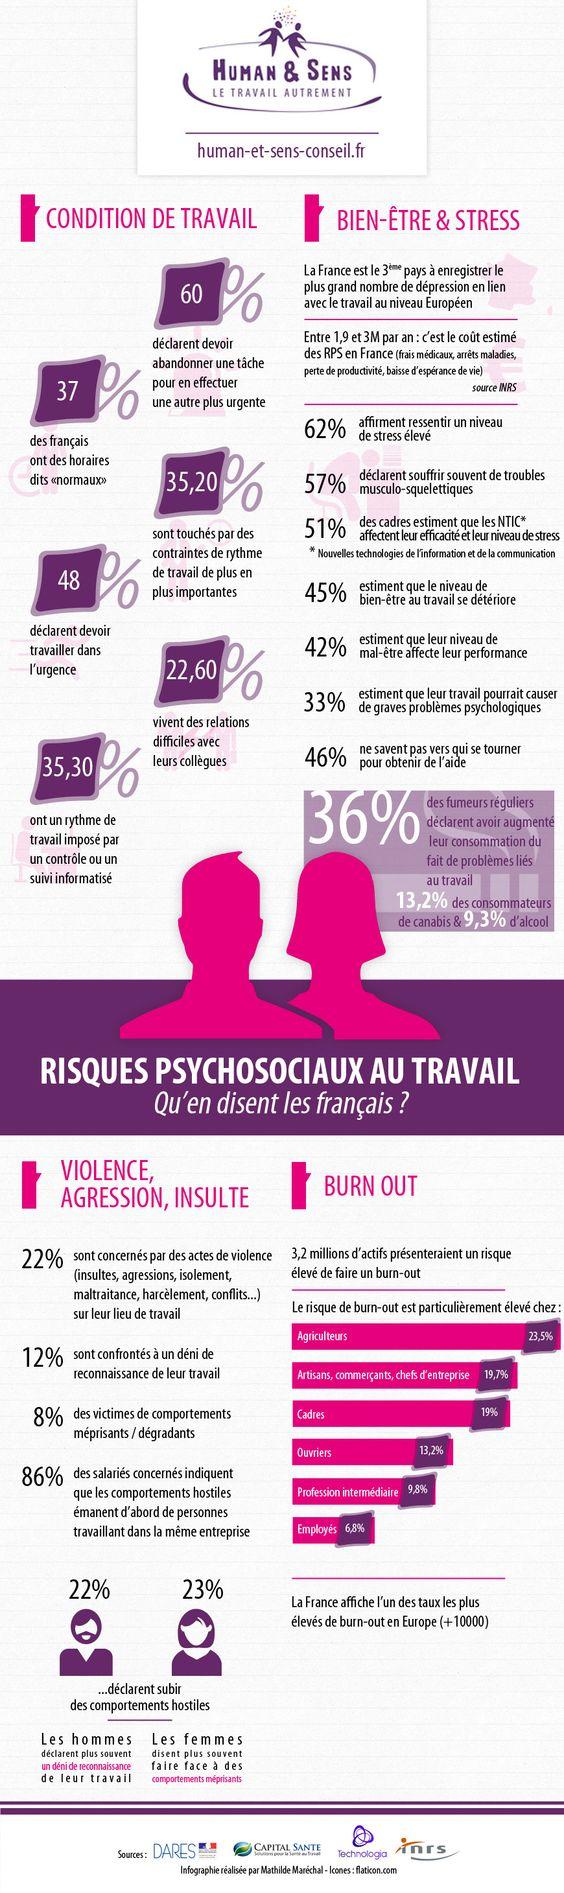 [Infographie] Risques Psychosociaux au travail